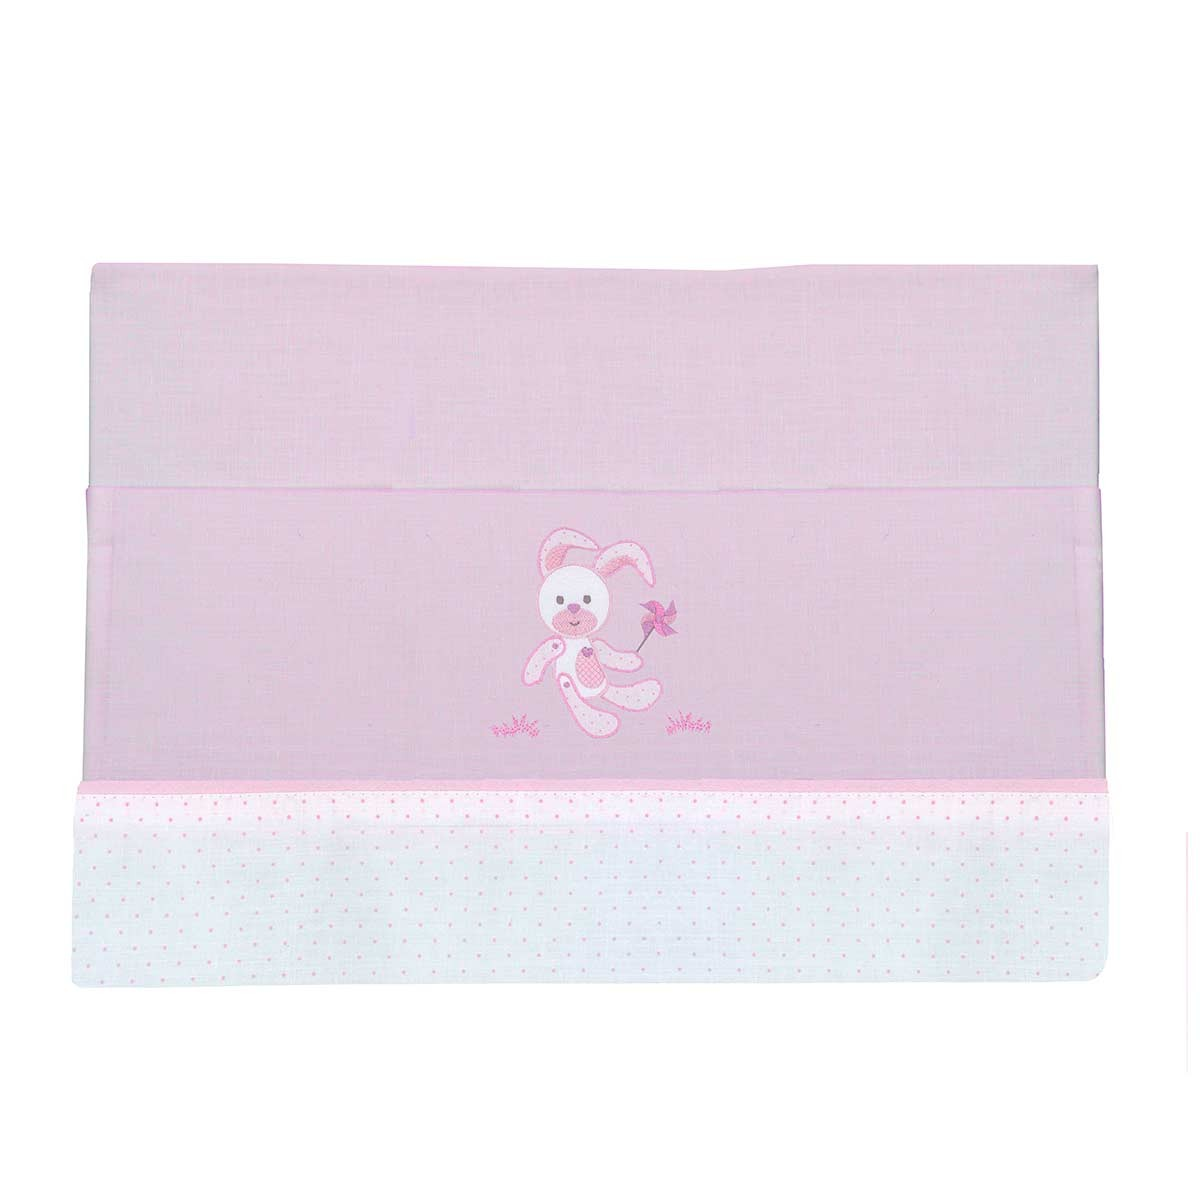 Σεντόνια Κούνιας (Σετ) Viopros Baby Applique Ρόκι Ροζ